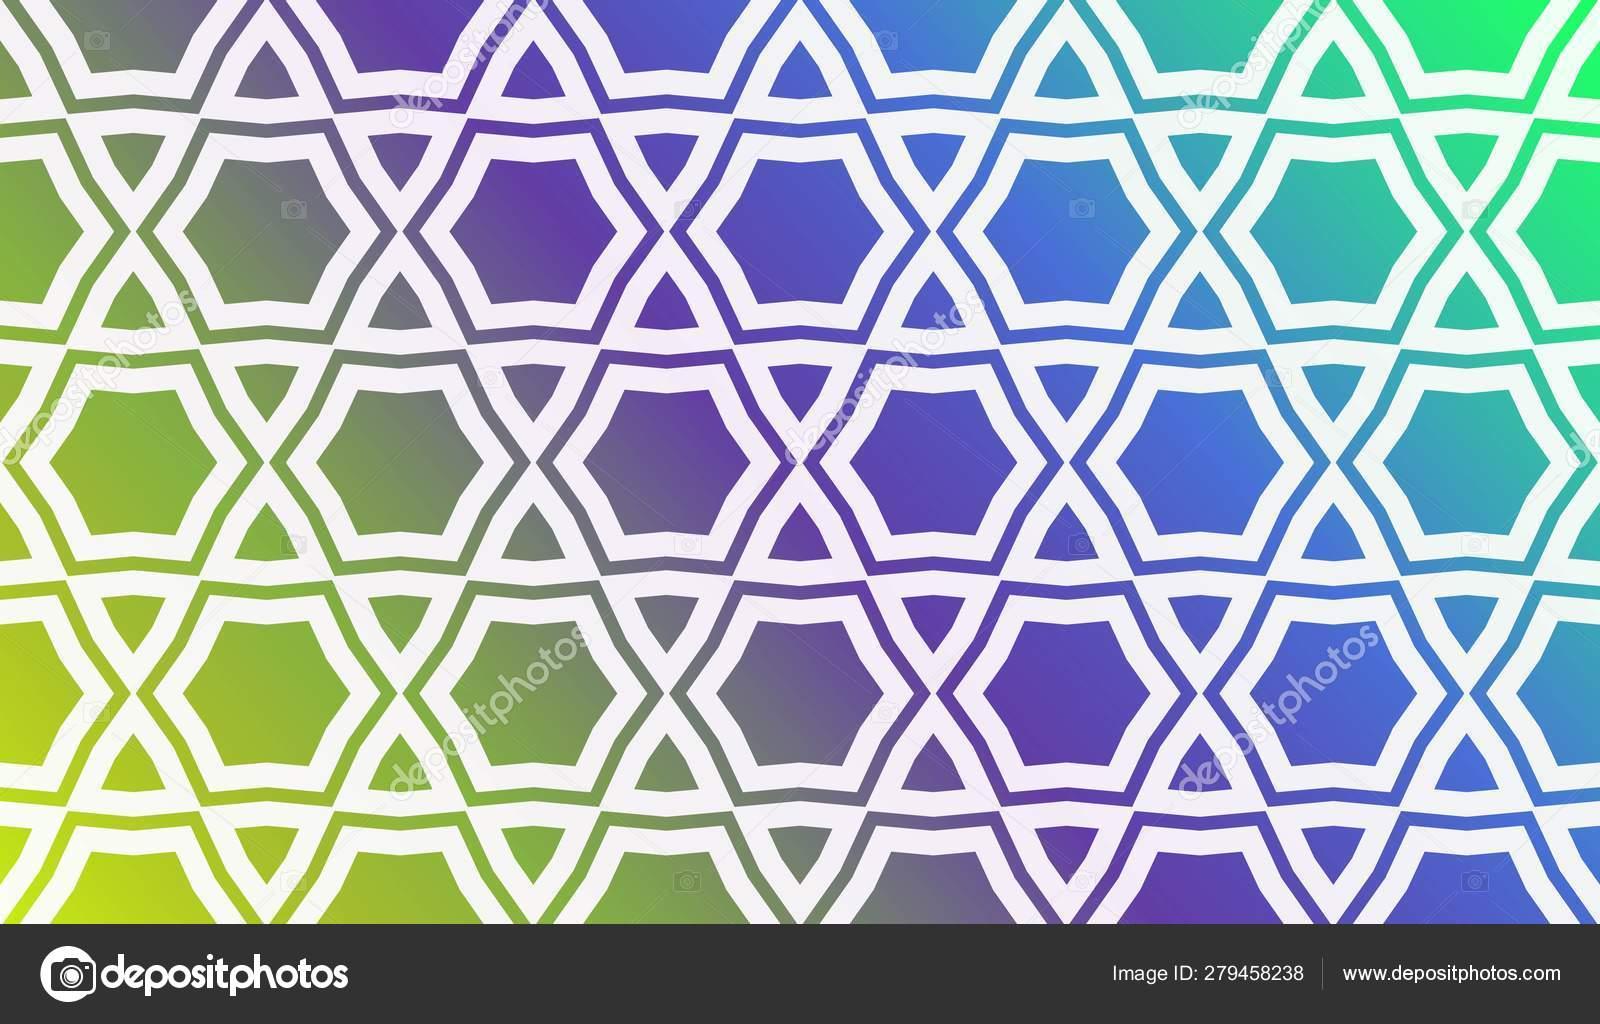 有曲线线的布局 摘要希波斯特模式 优雅的背景 屏幕设计 演示 壁纸 假日物品 病媒图解 图库矢量图像 C Rakov